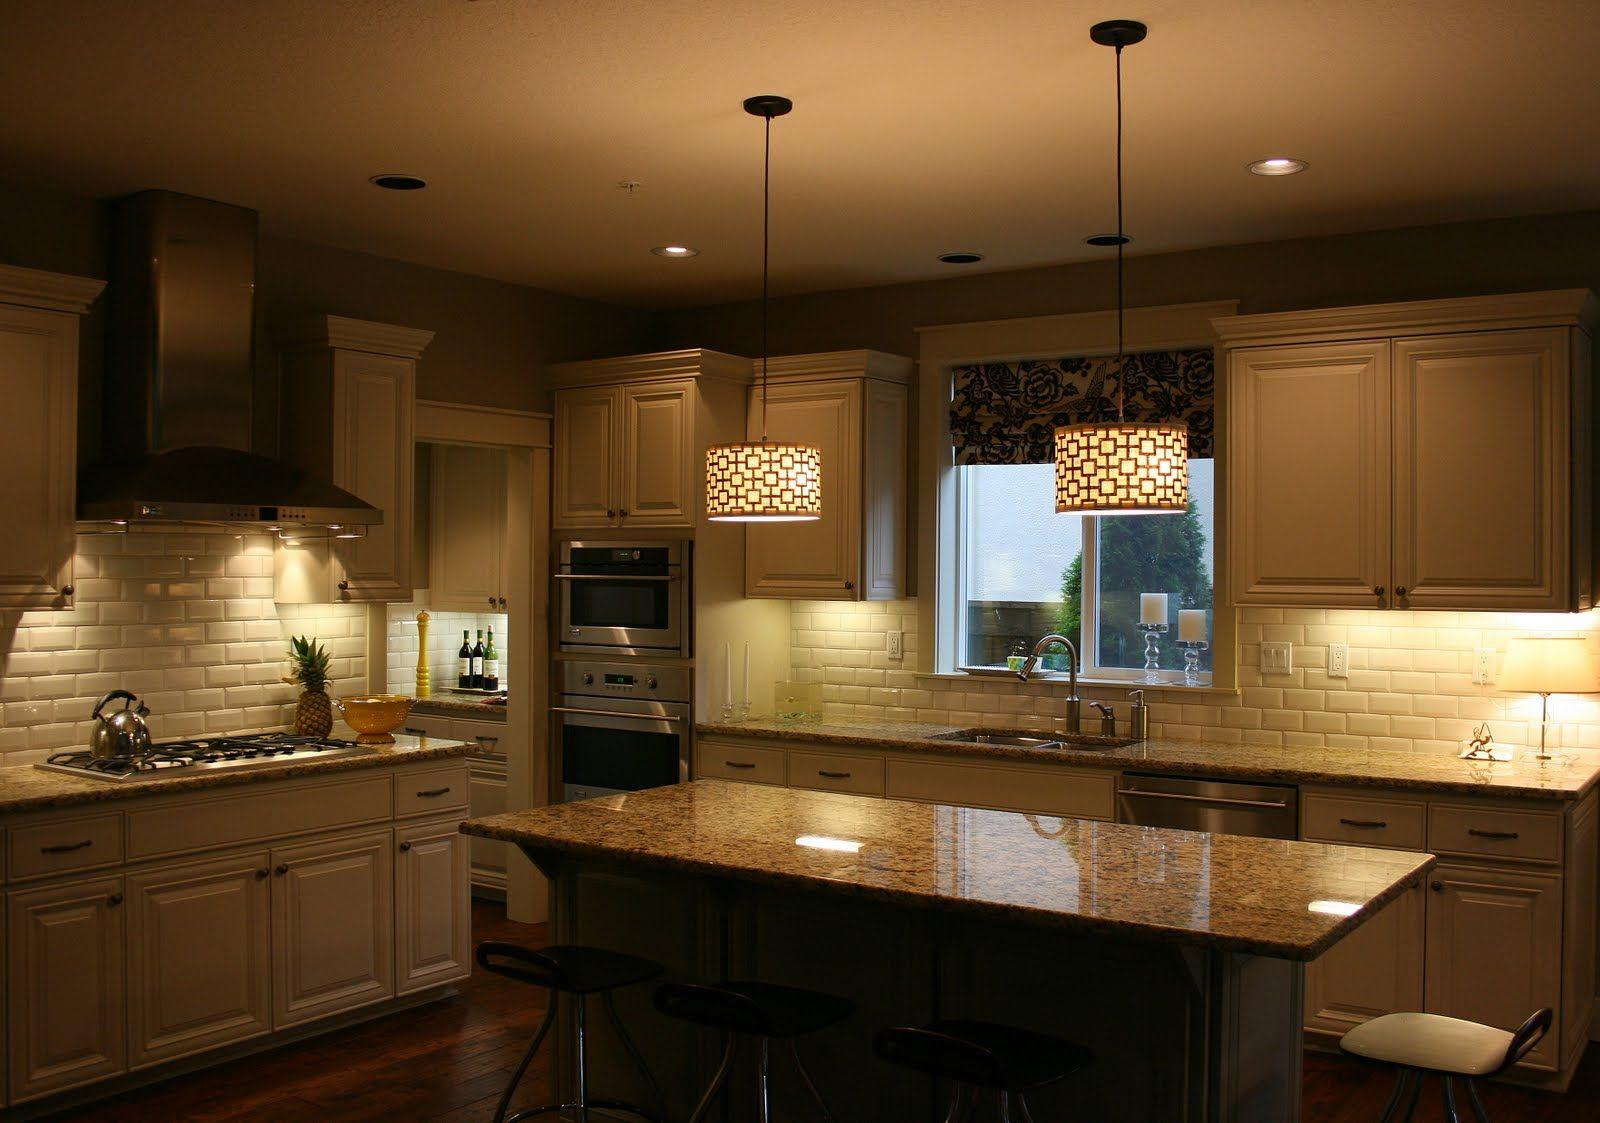 Anhänger Beleuchtung Verschönert Home Interior - Wohnzimmer Ideen ...